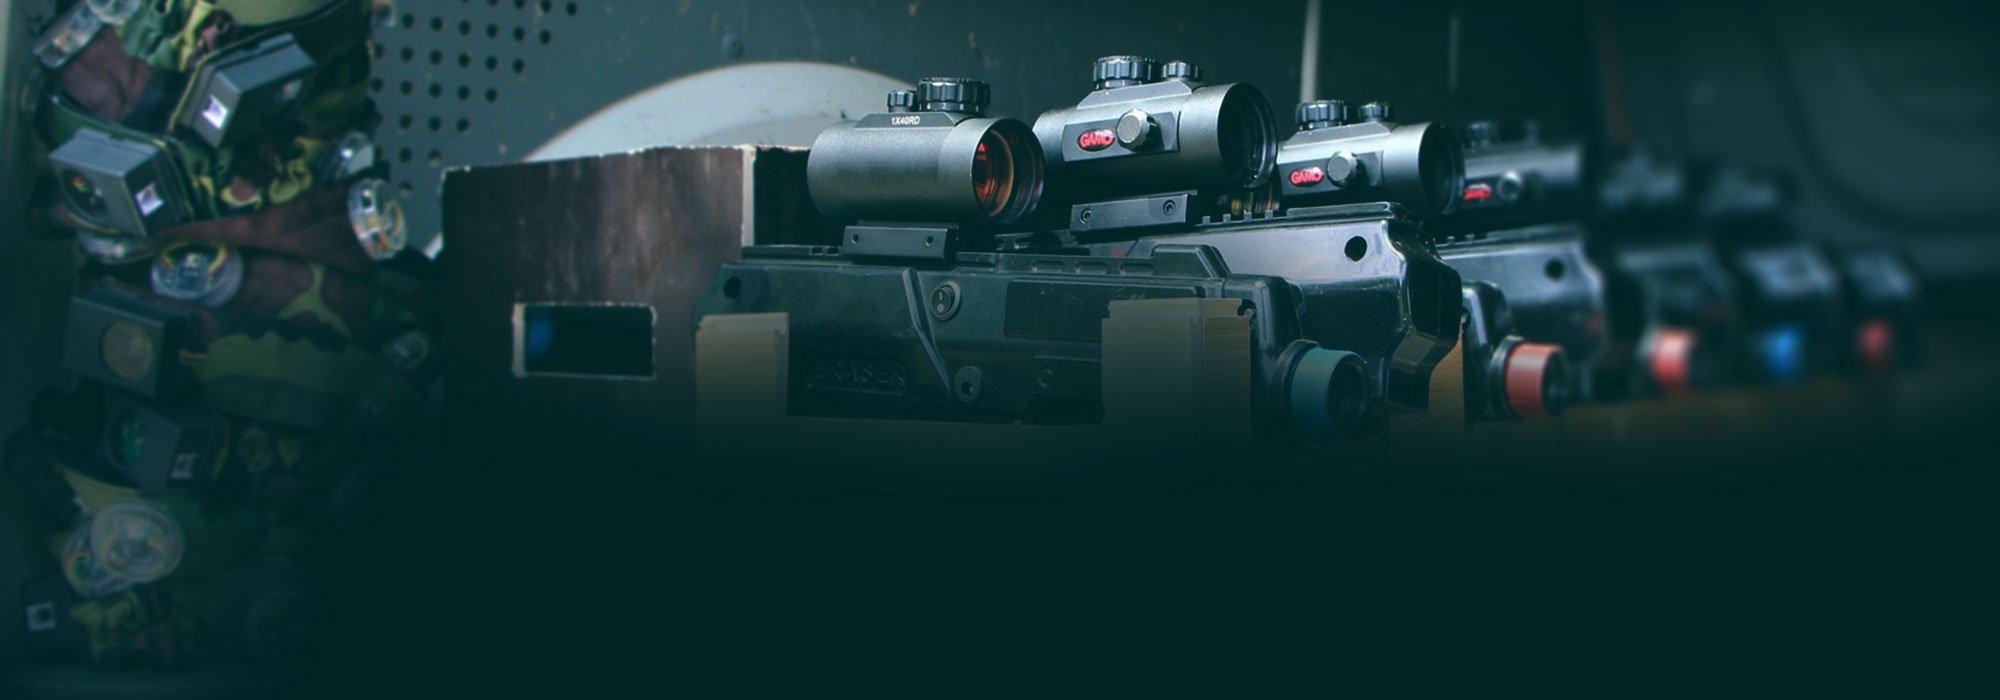 Laser Tag žaidimo įranga